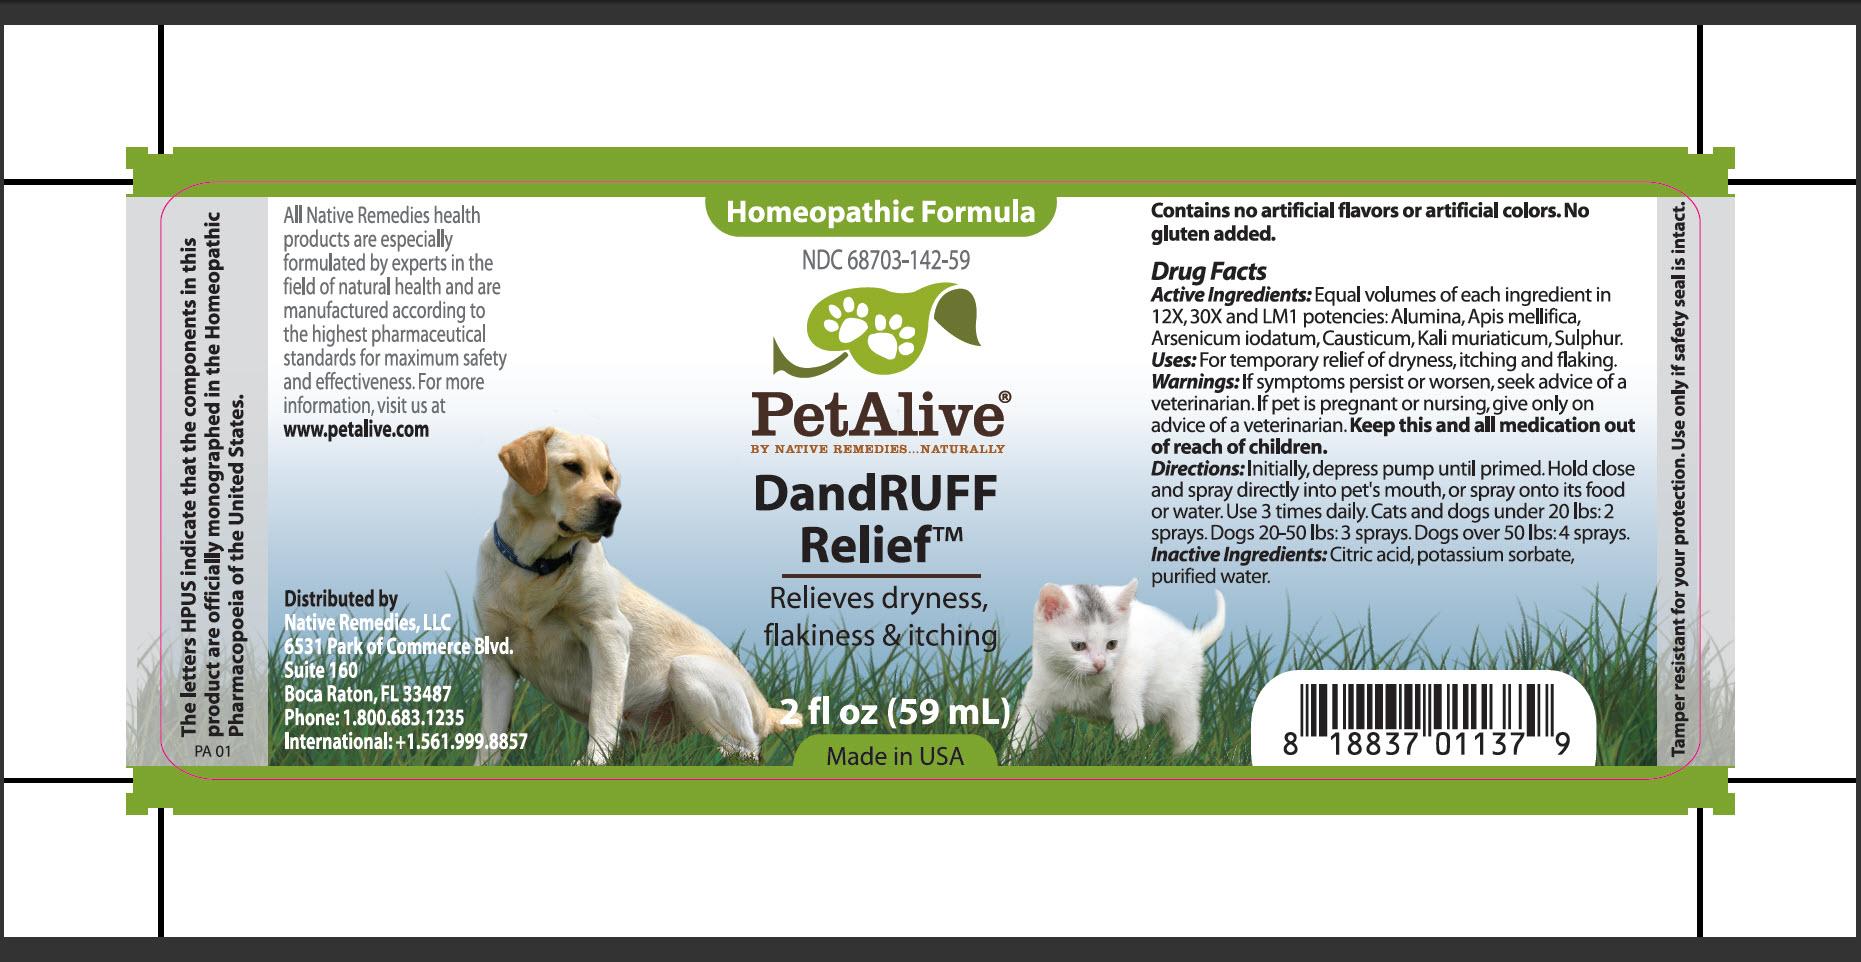 Dandruuf Relief (Alumina, Apis Mellifica, Arsenicum Iodatum, Causticum, Kali Muriaticum, Sulphur) Spray [Native Remedies, Llc]